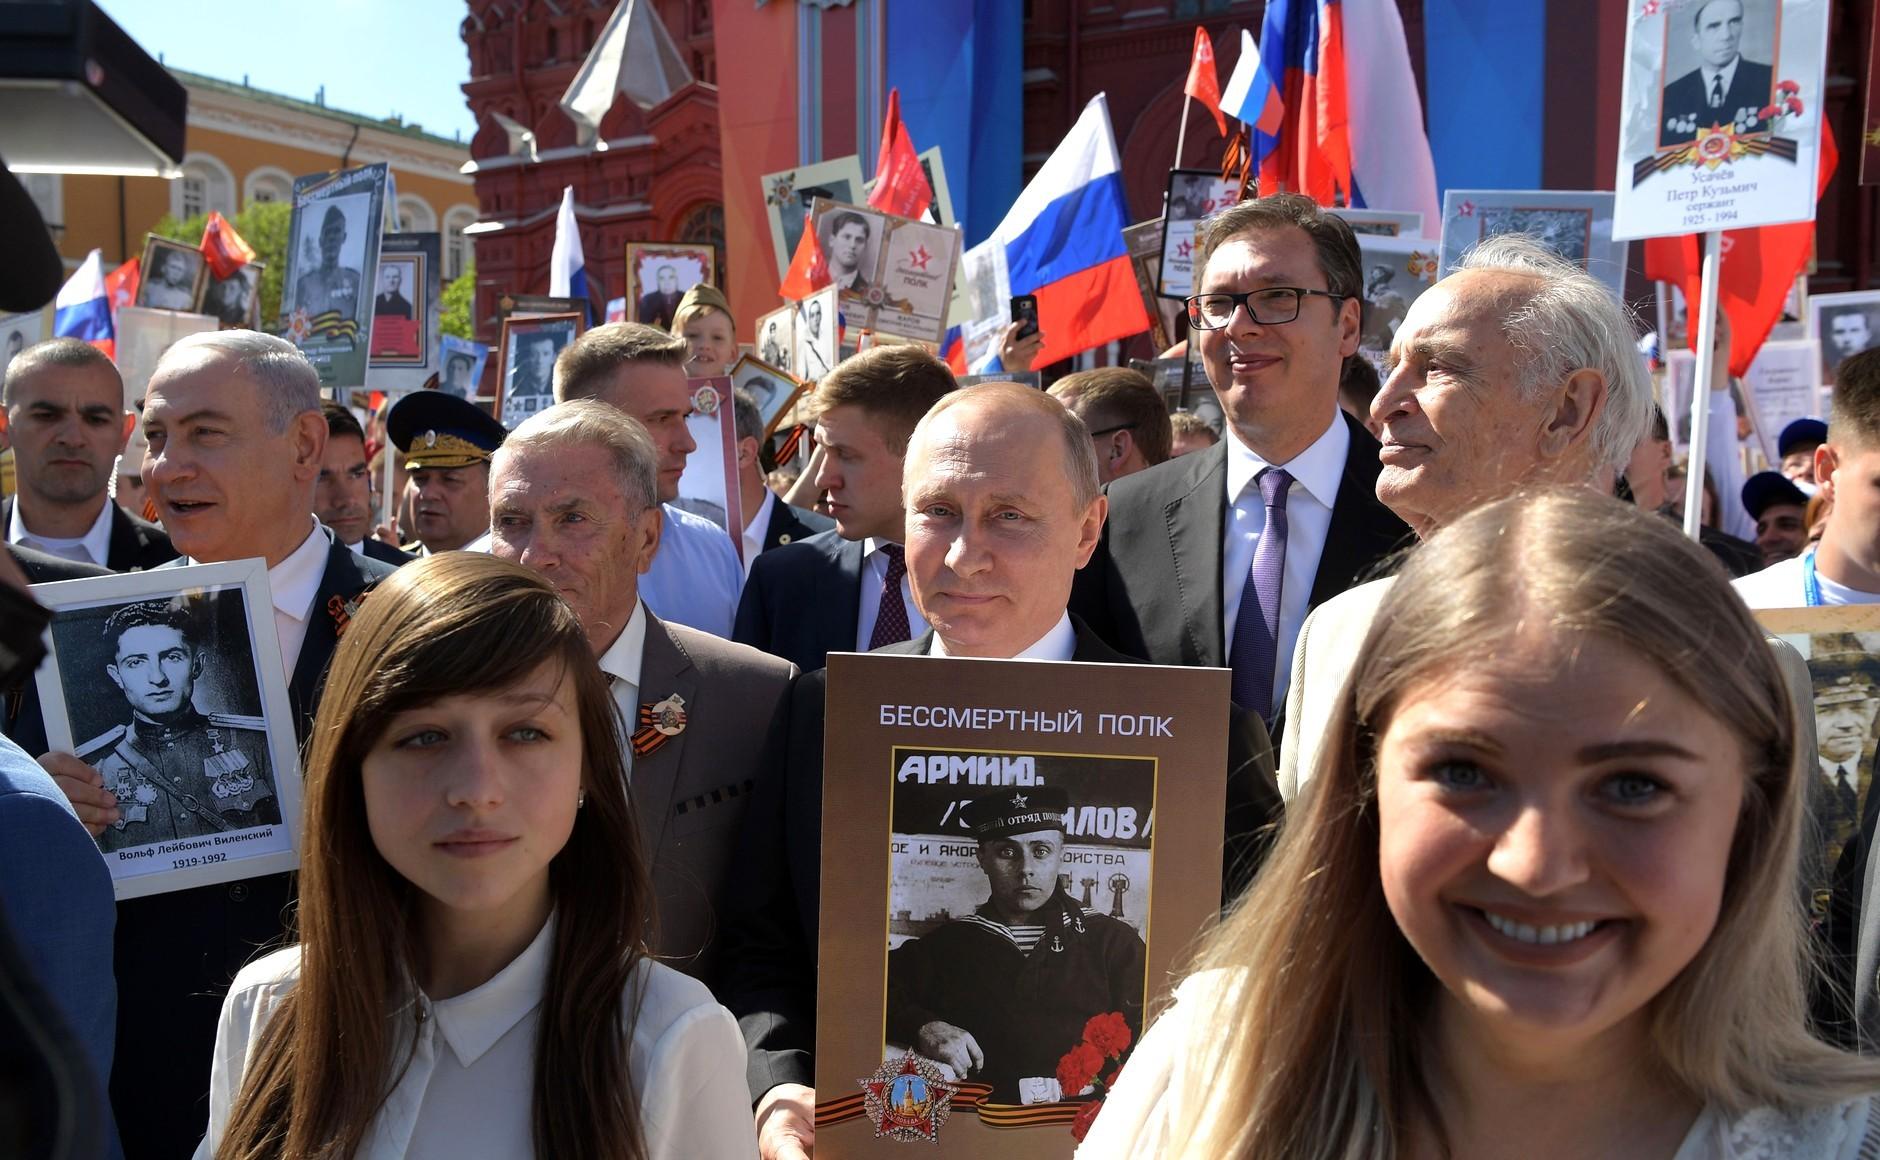 Нетанијаху, Путин, Вучић и Лановој (последњи десно) у поворци Бесмртног пука у Москви 9. маја 2018.